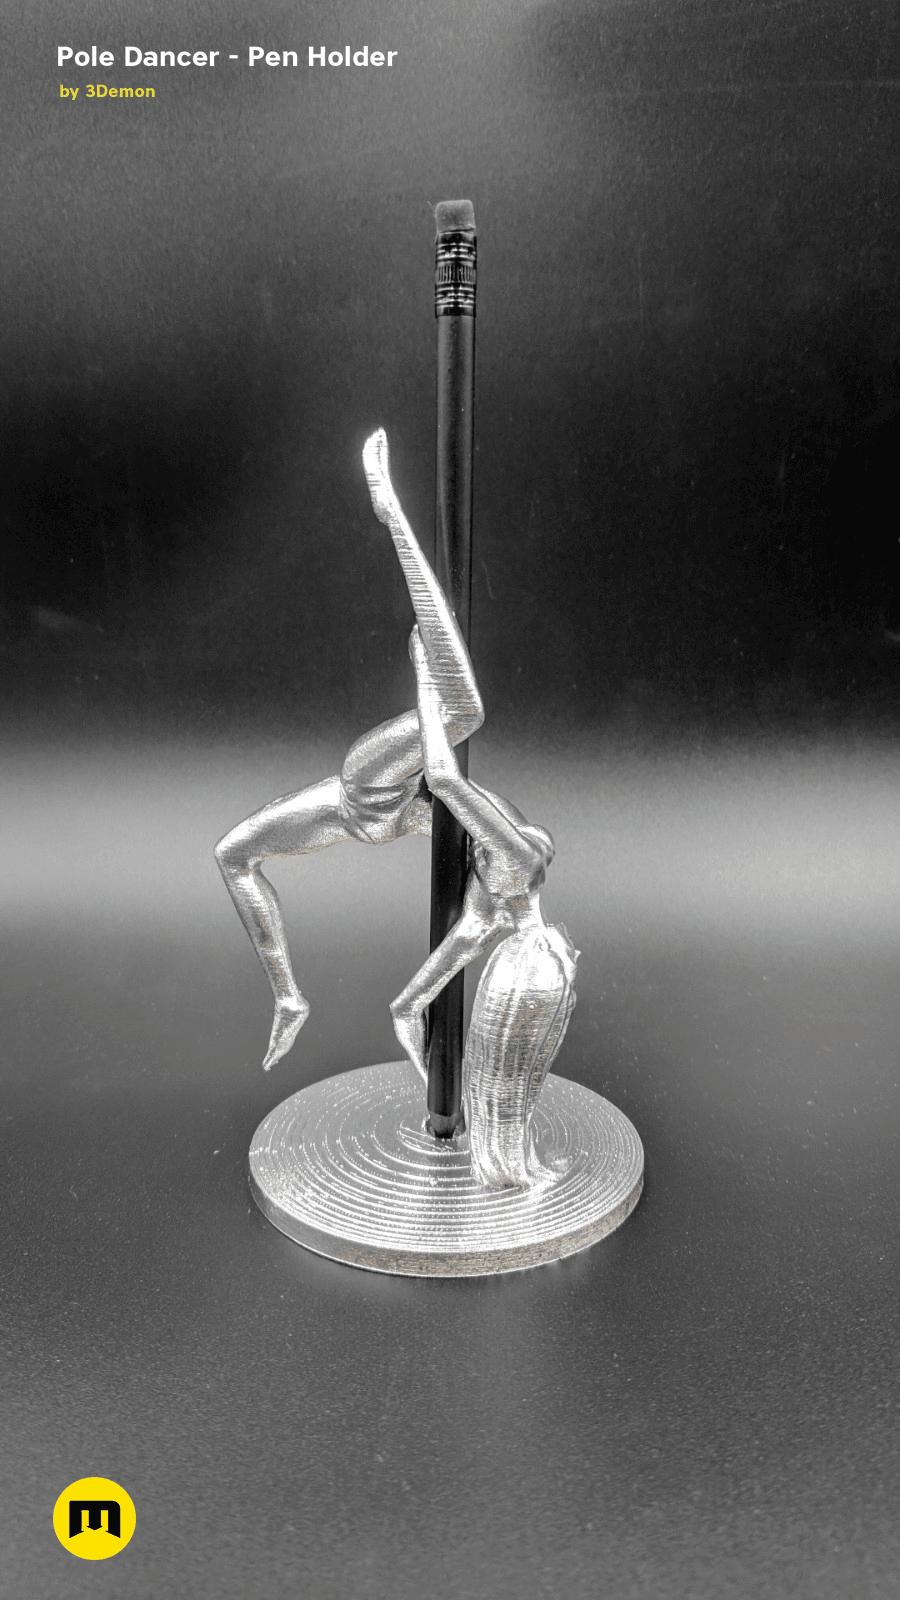 IMG_20190220_103224.png Download STL file Pole Dancer - Pen Holder • Object to 3D print, 3D-mon